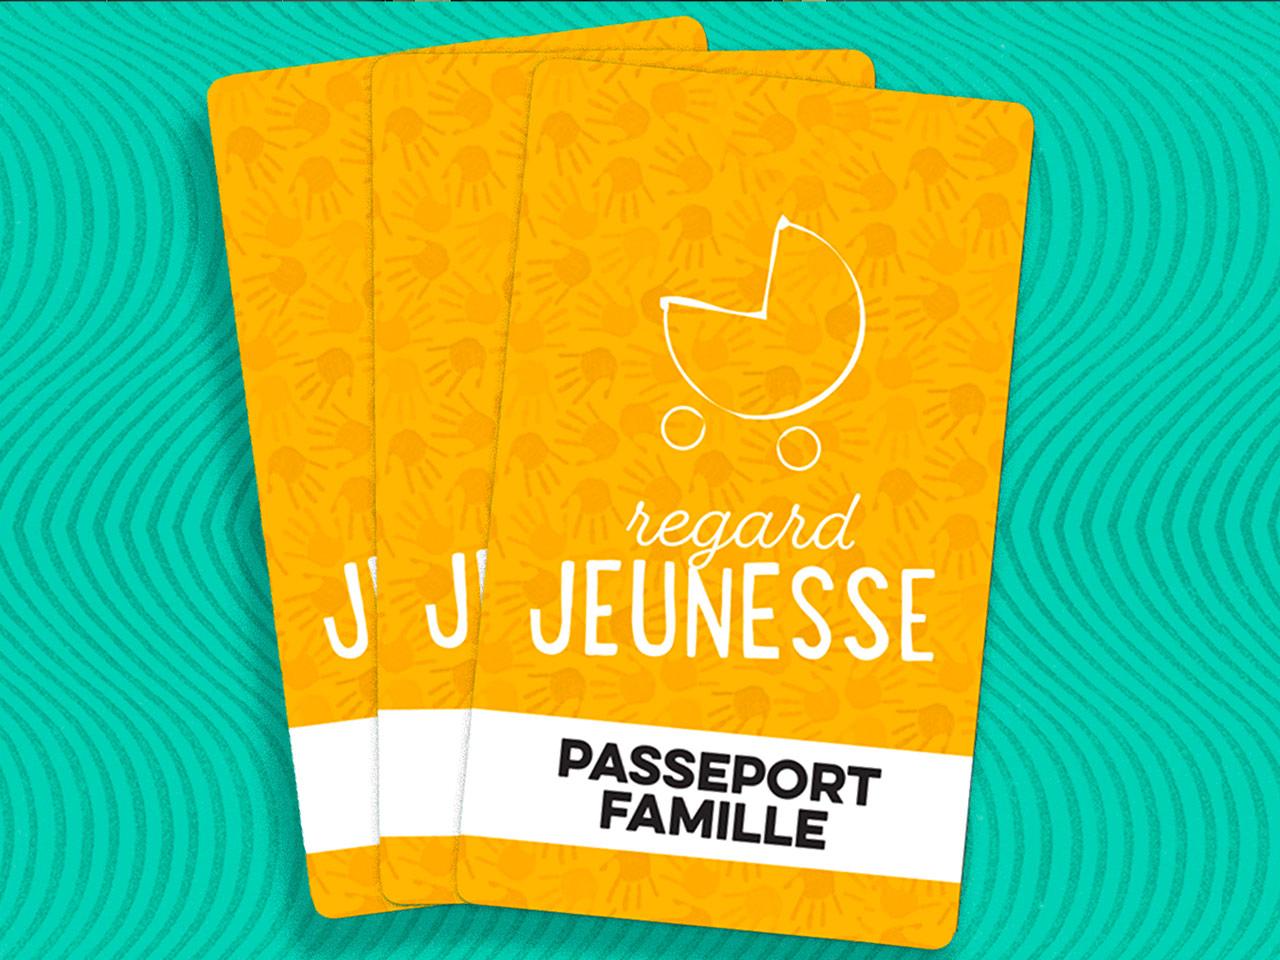 Passeport famille